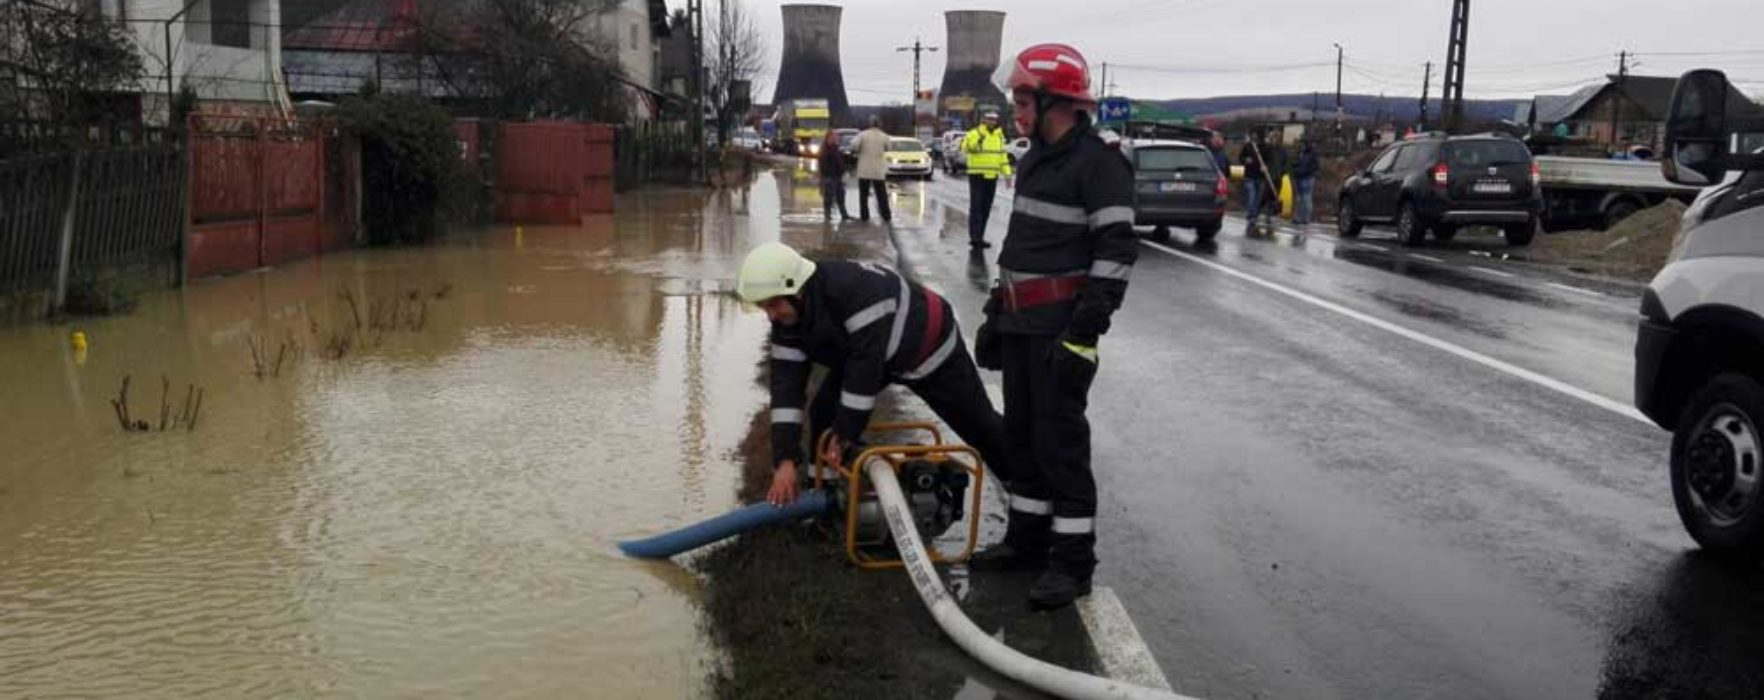 Dâmboviţa: Pompierii au intervenit pentru a scoate apa din mai multe gospodării